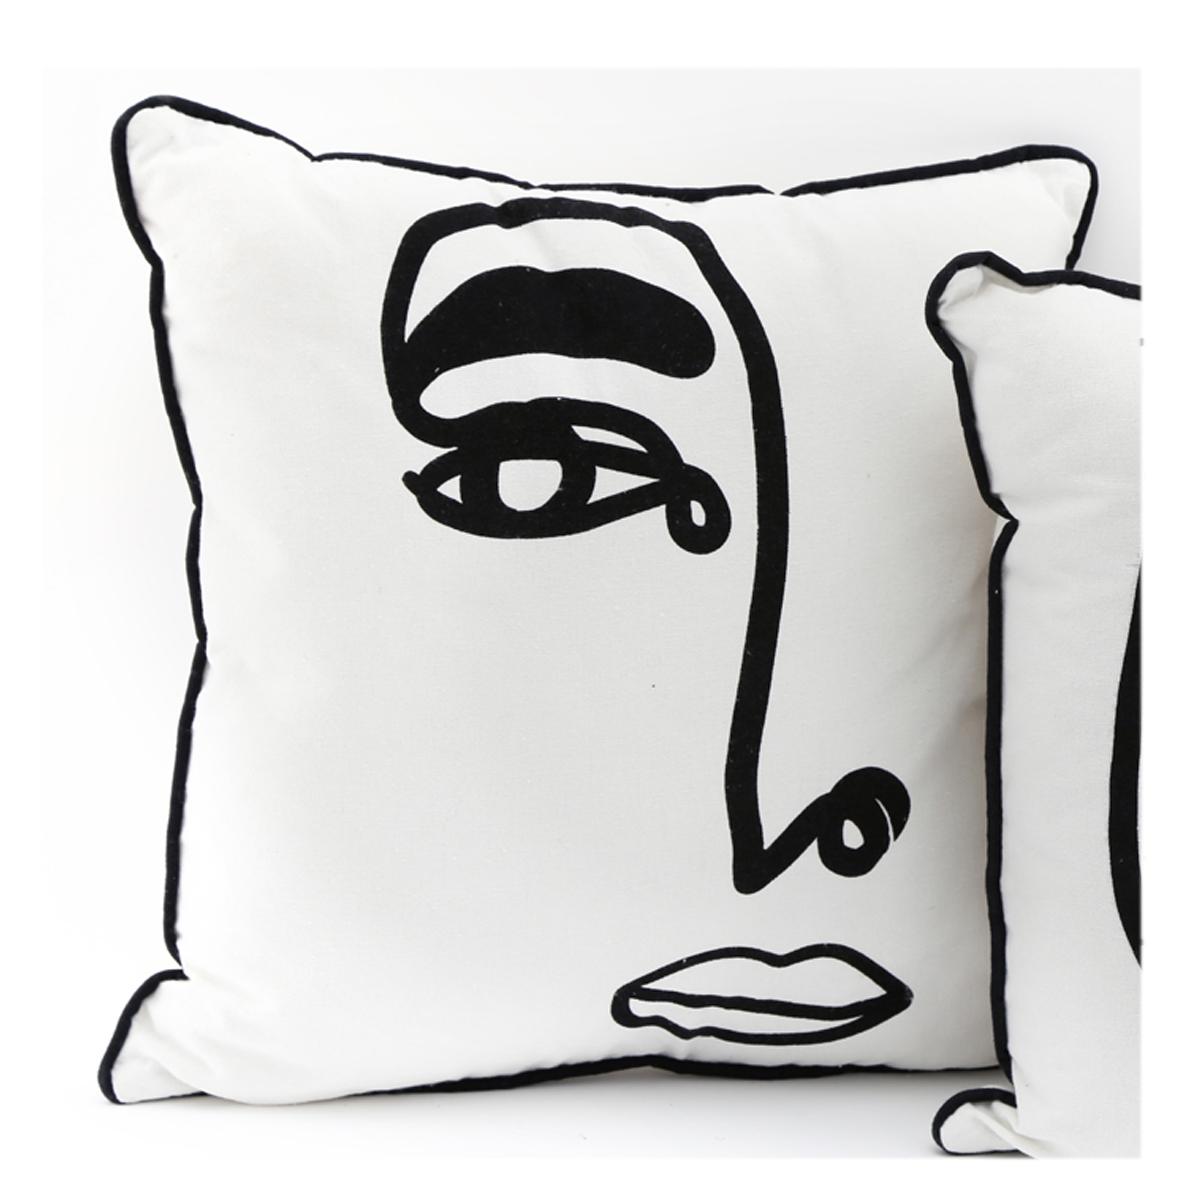 Coussin créateur \'Arty\' noir blanc - 40x40 cm (visage) - [A2918]